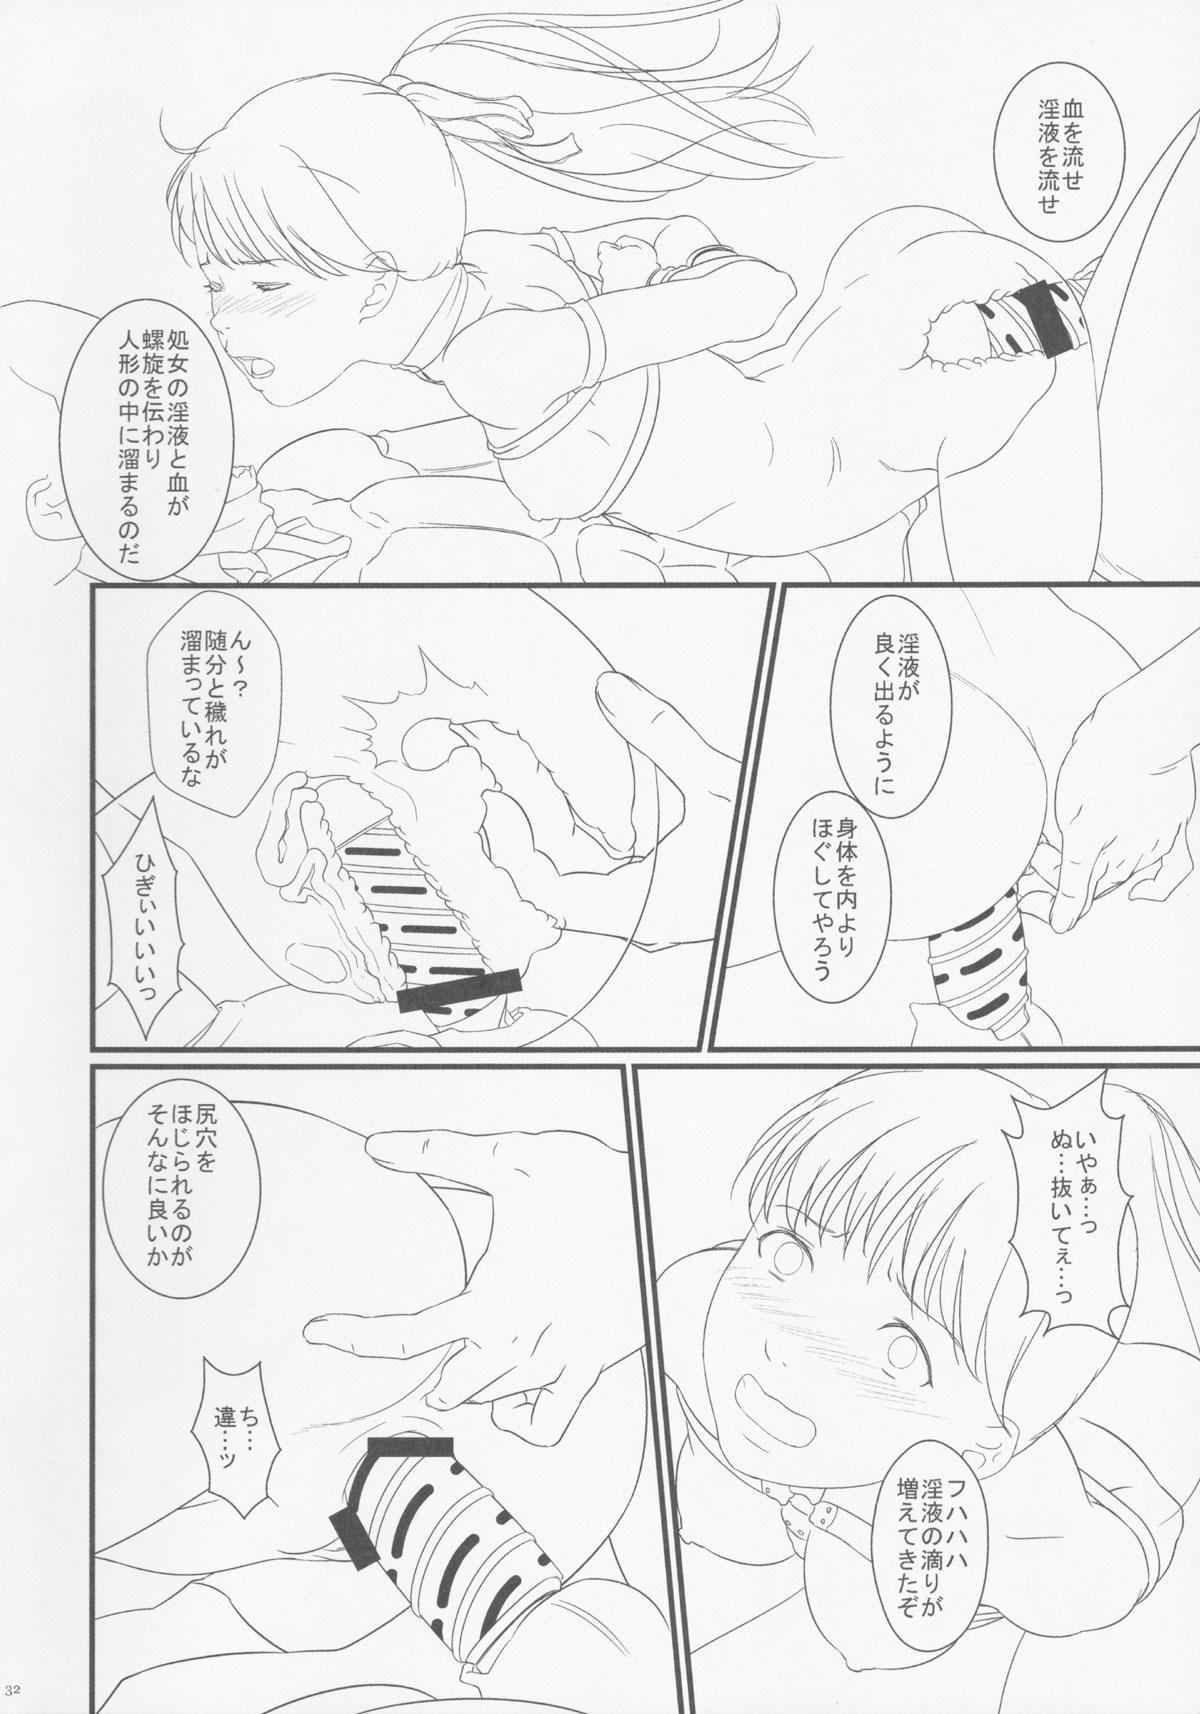 お姉ちゃんの裸みてみたいなぁwぬぎぬぎしようね~wやっダメっ!!あ~ん・・・ママ助けて!!【エロ漫画・エロ同人】 (31)